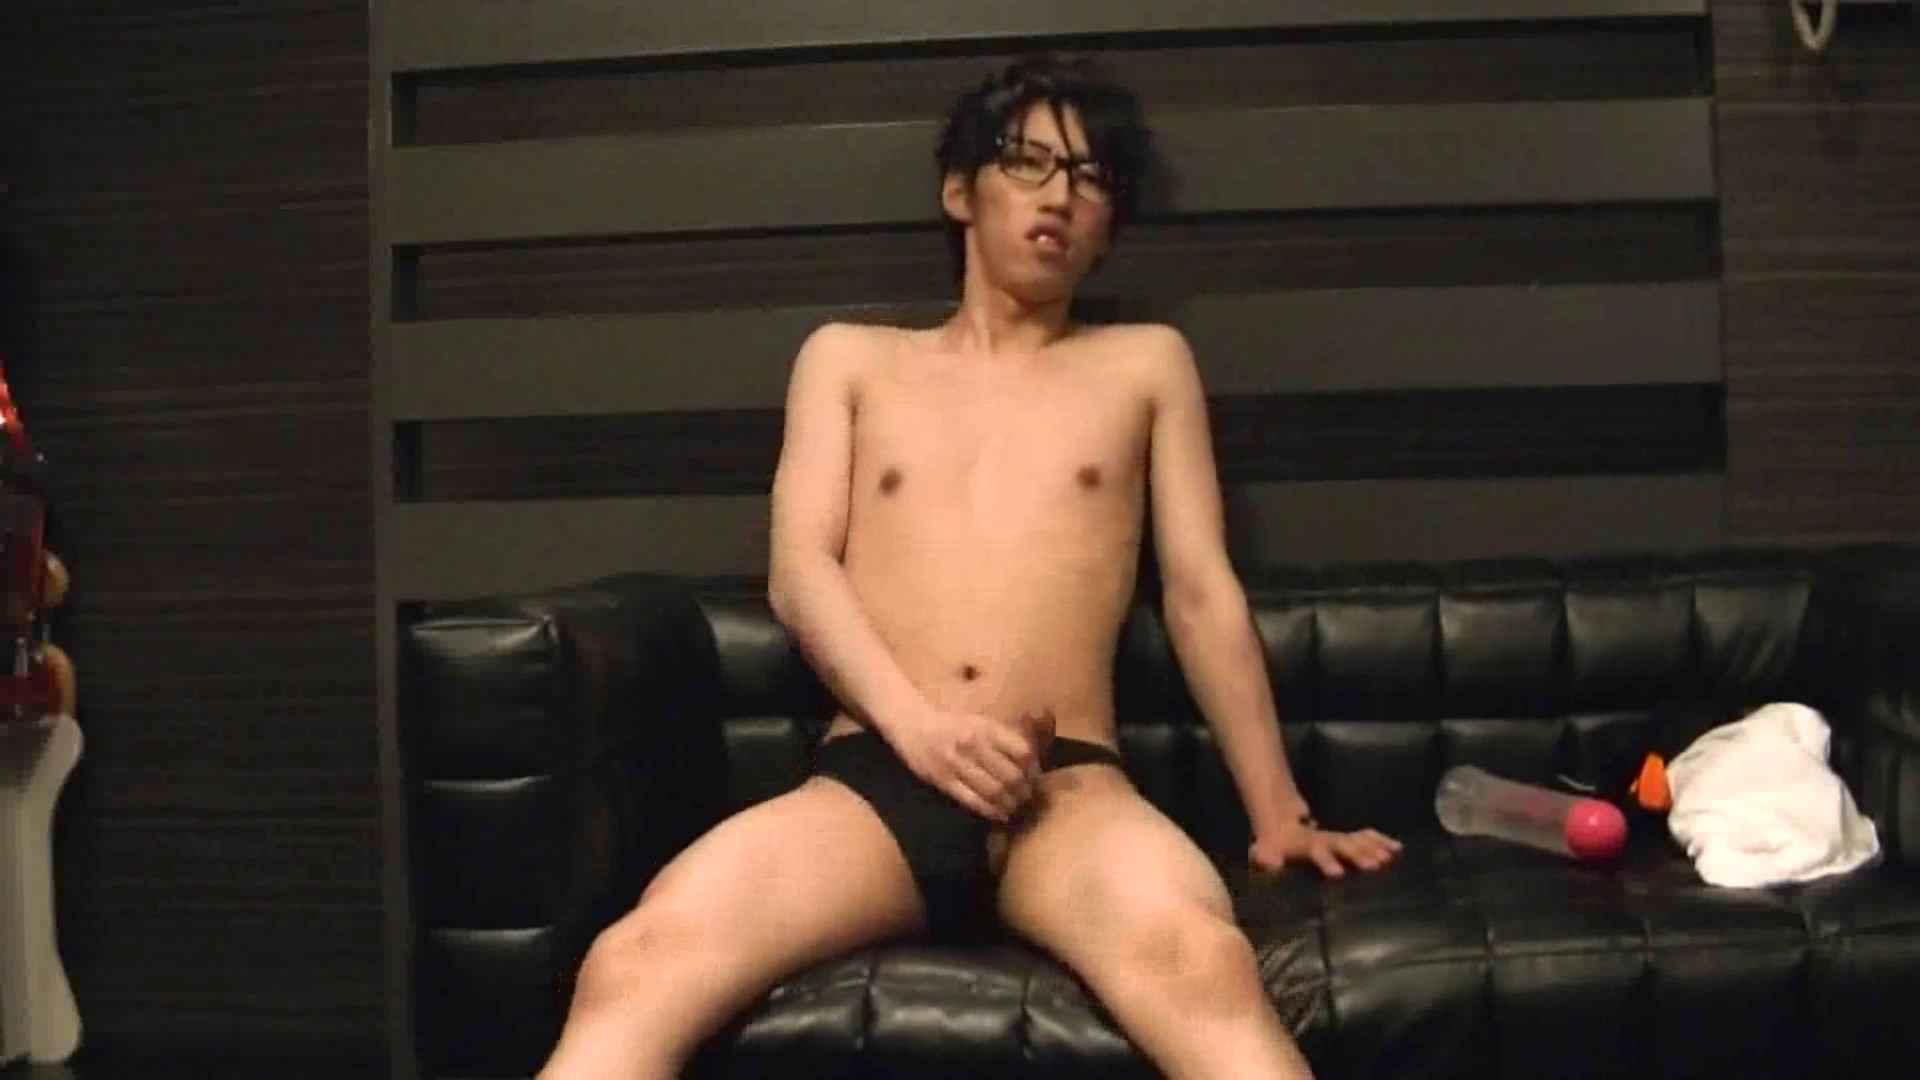 ONA見せカーニバル!! Vol3 男の世界 | オナニー専門男子  98画像 61